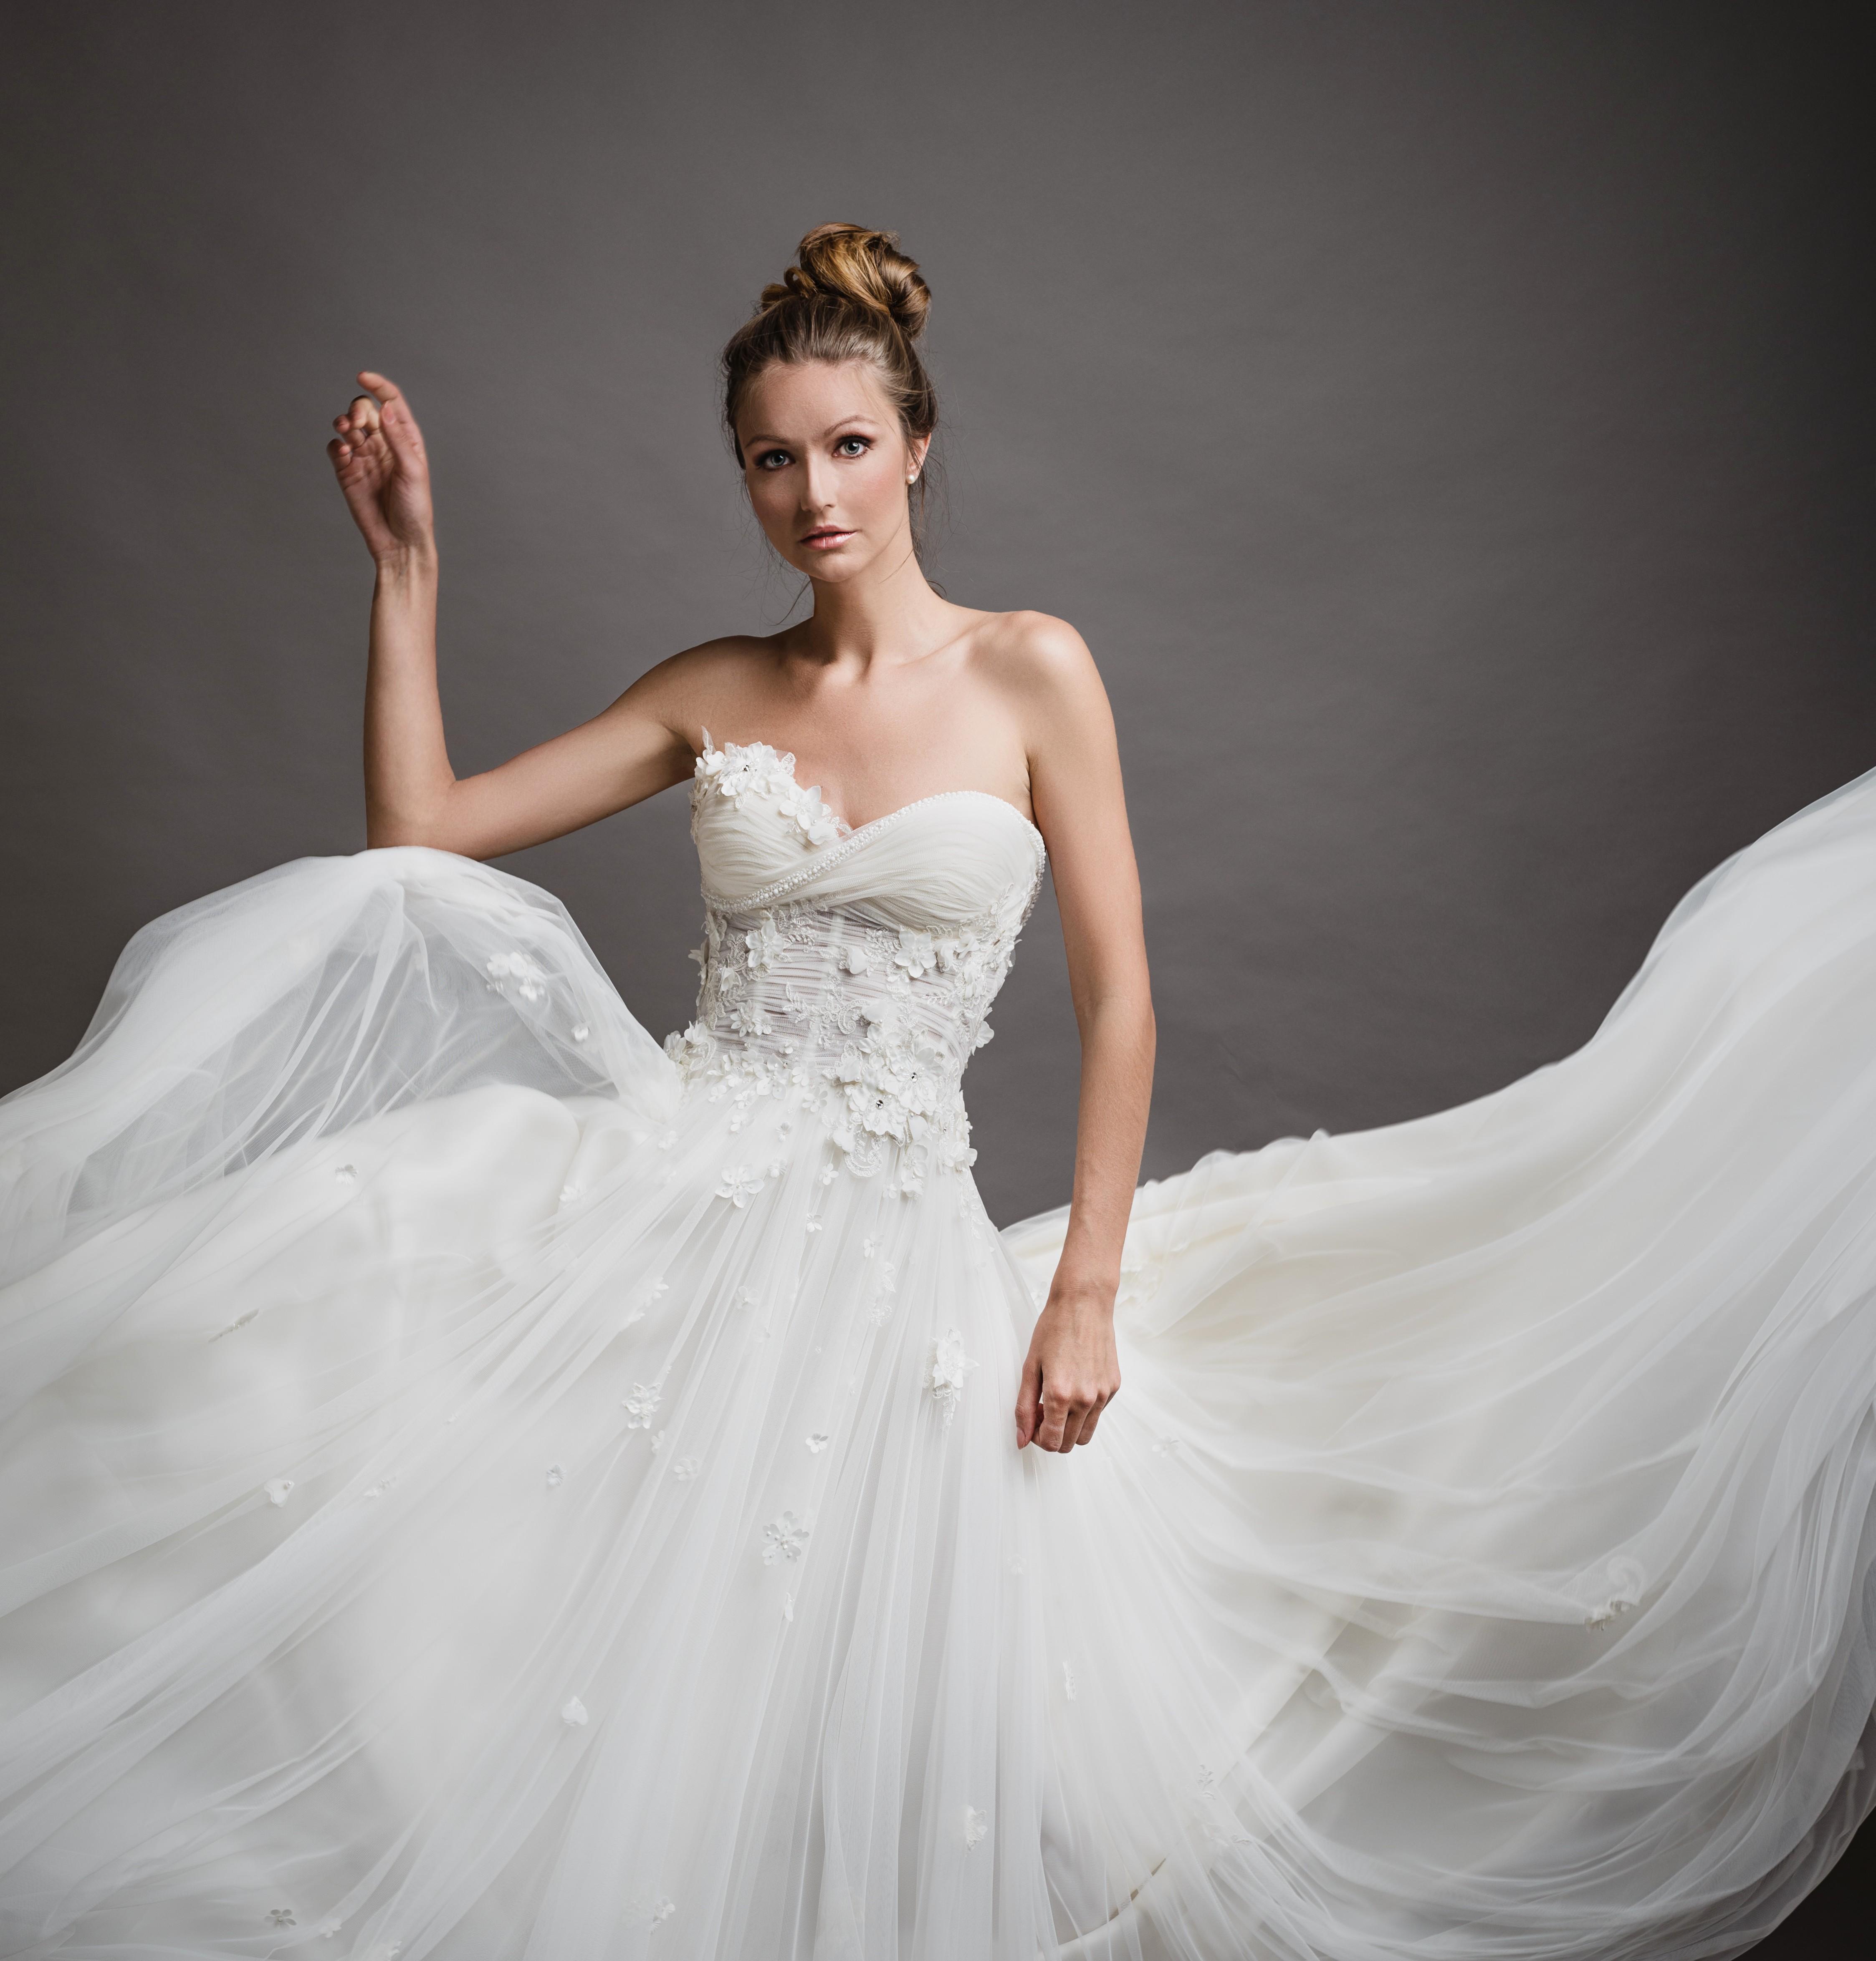 Matrimonio In Spiaggia Vestito Da Sposa : Temi matrimonio raccontati da abiti da sposa differenti